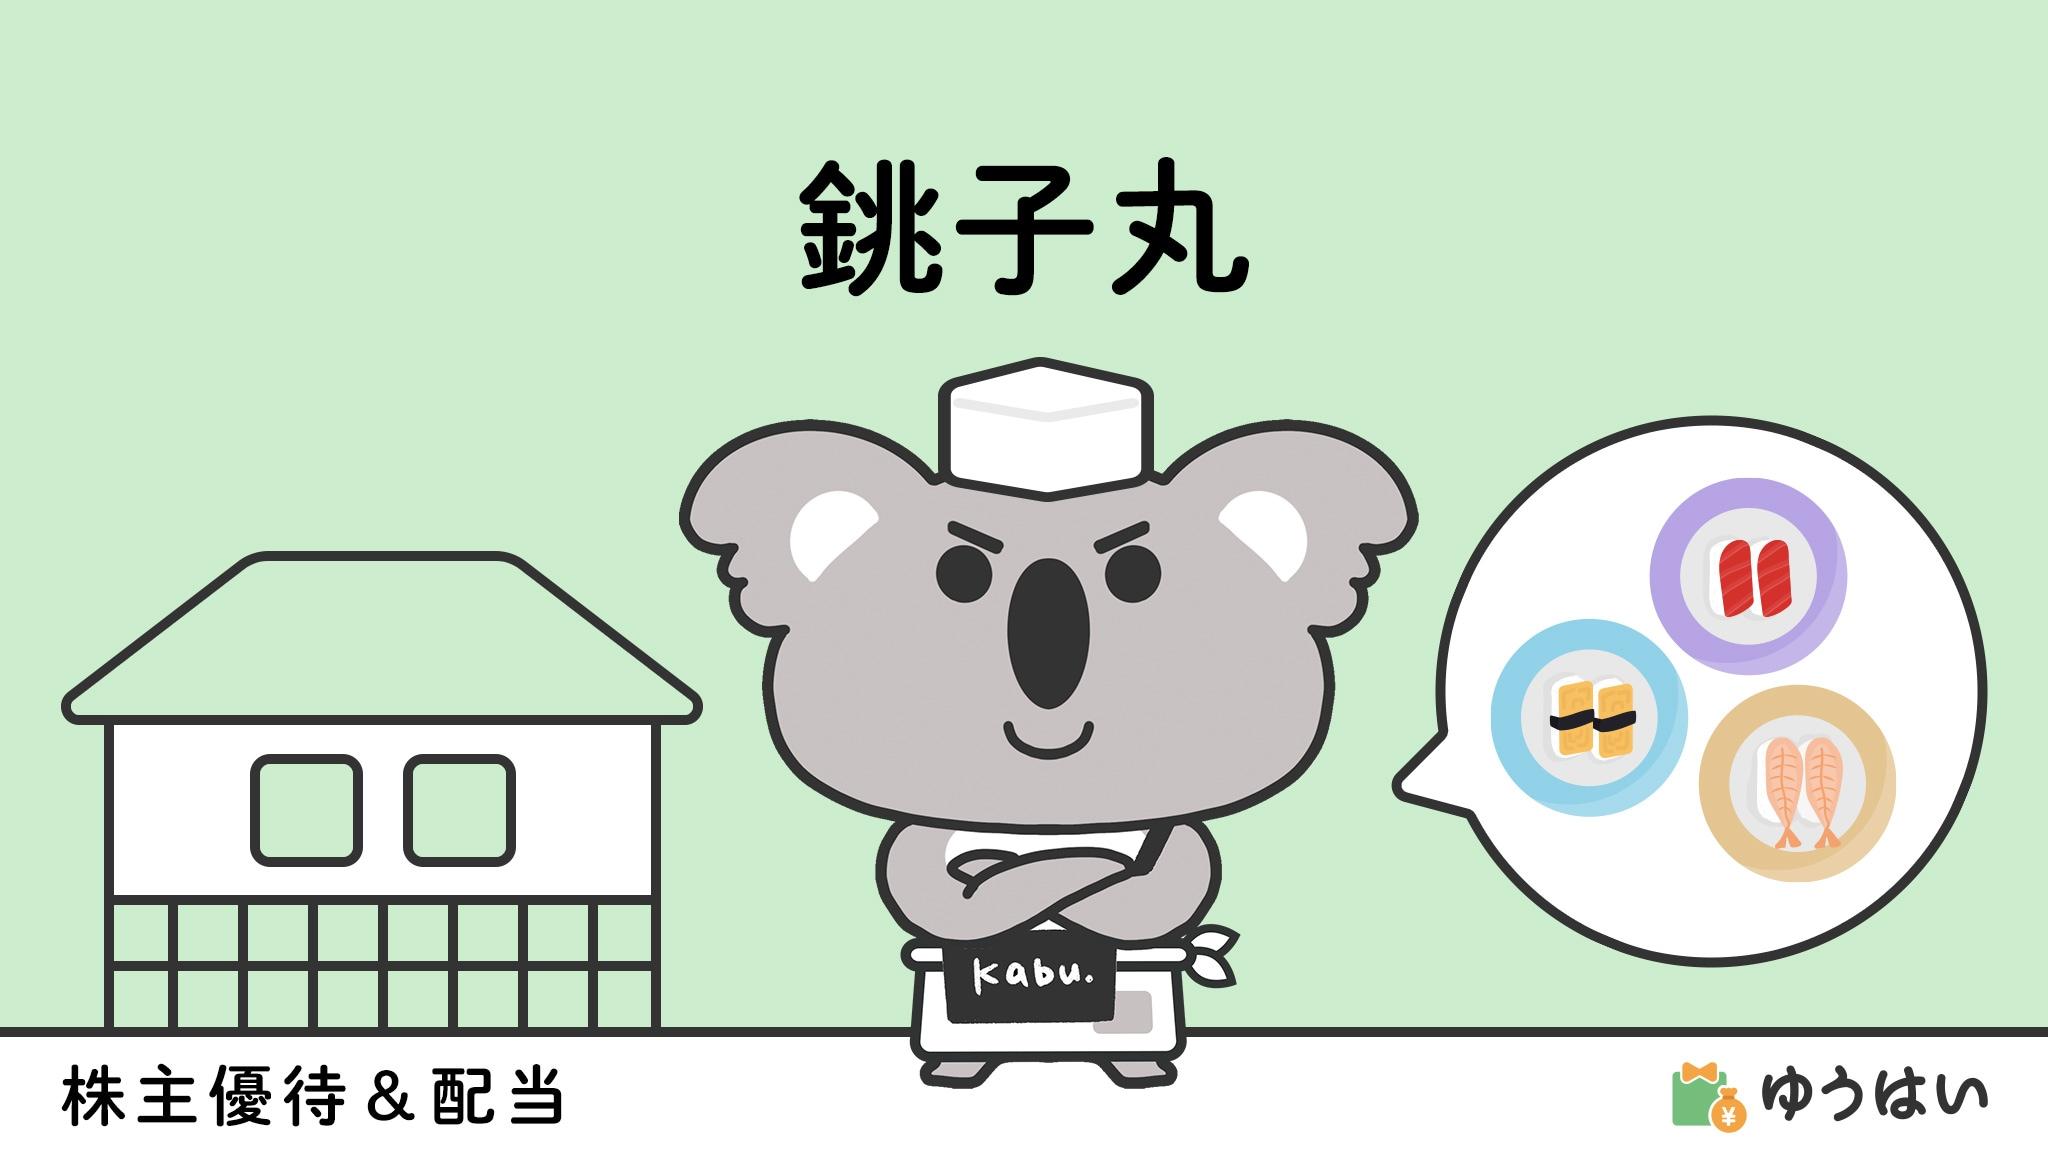 ゆうはい 銚子丸(3075)の株主優待と配当金